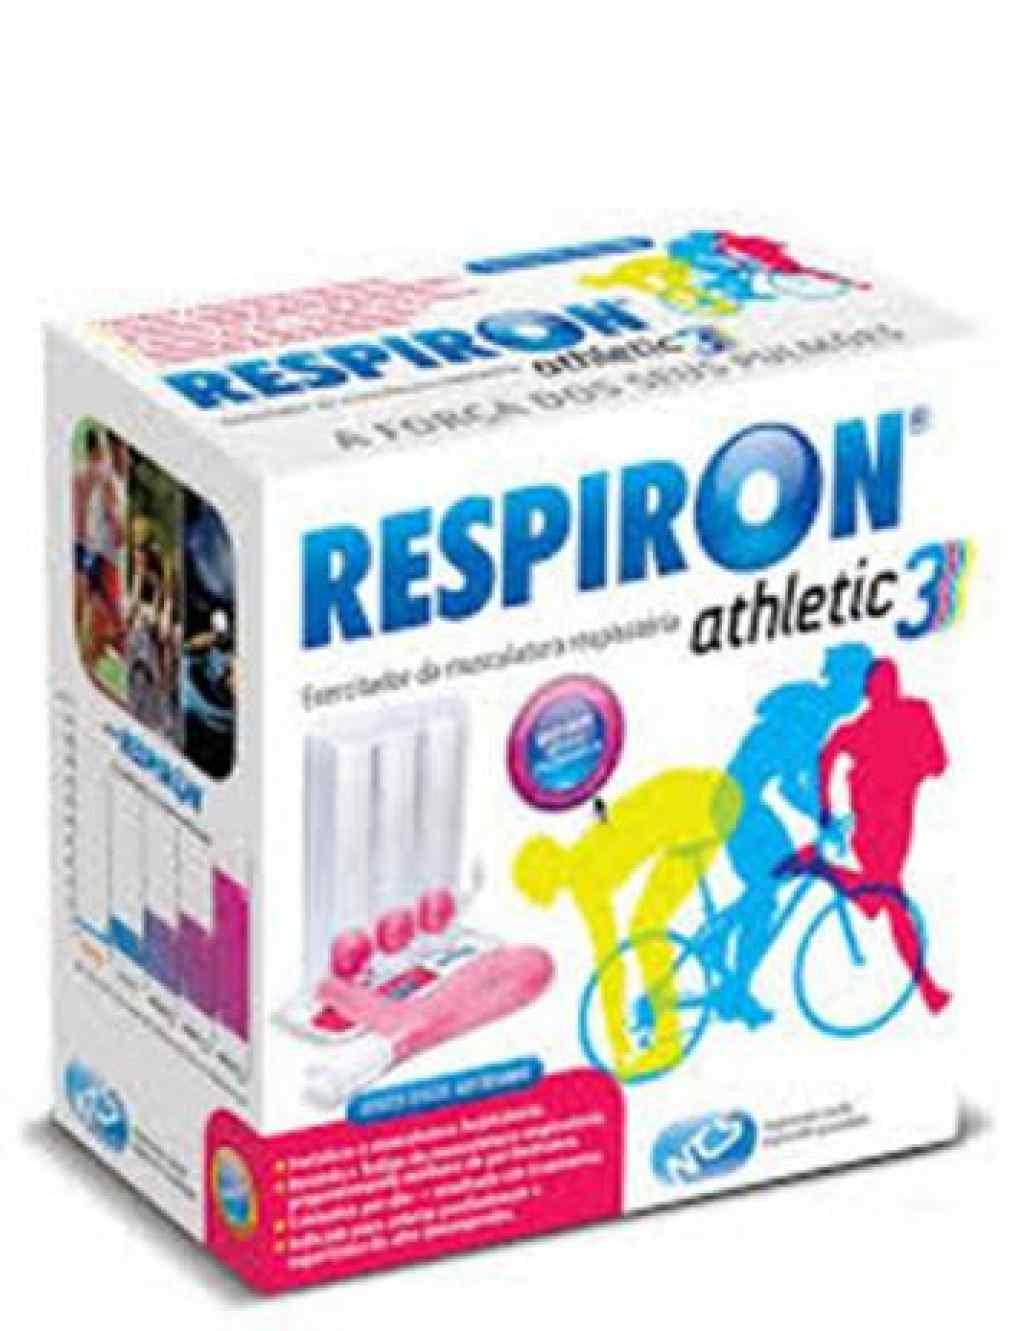 Amparar BH - Respiron Athletic 3 Exercitador e Incentivador Respiratório - NCS - Respiron Athletic 3 Exercitador e Incentivador Respiratório - NCS